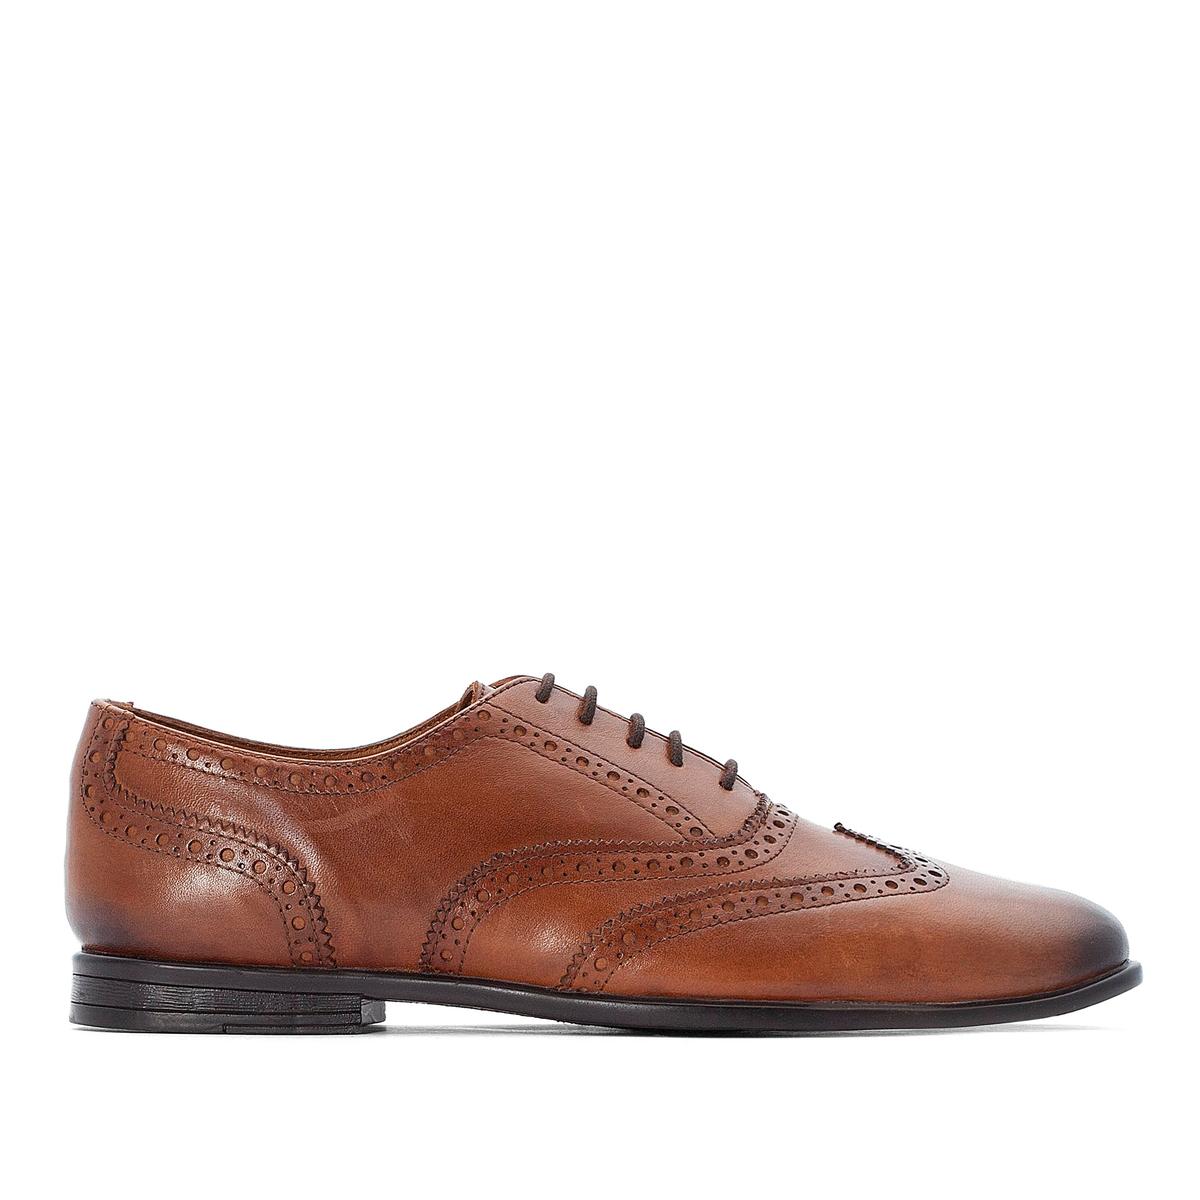 цена Ботинки-дерби La Redoute Кожаные на шнуровке 45 каштановый онлайн в 2017 году